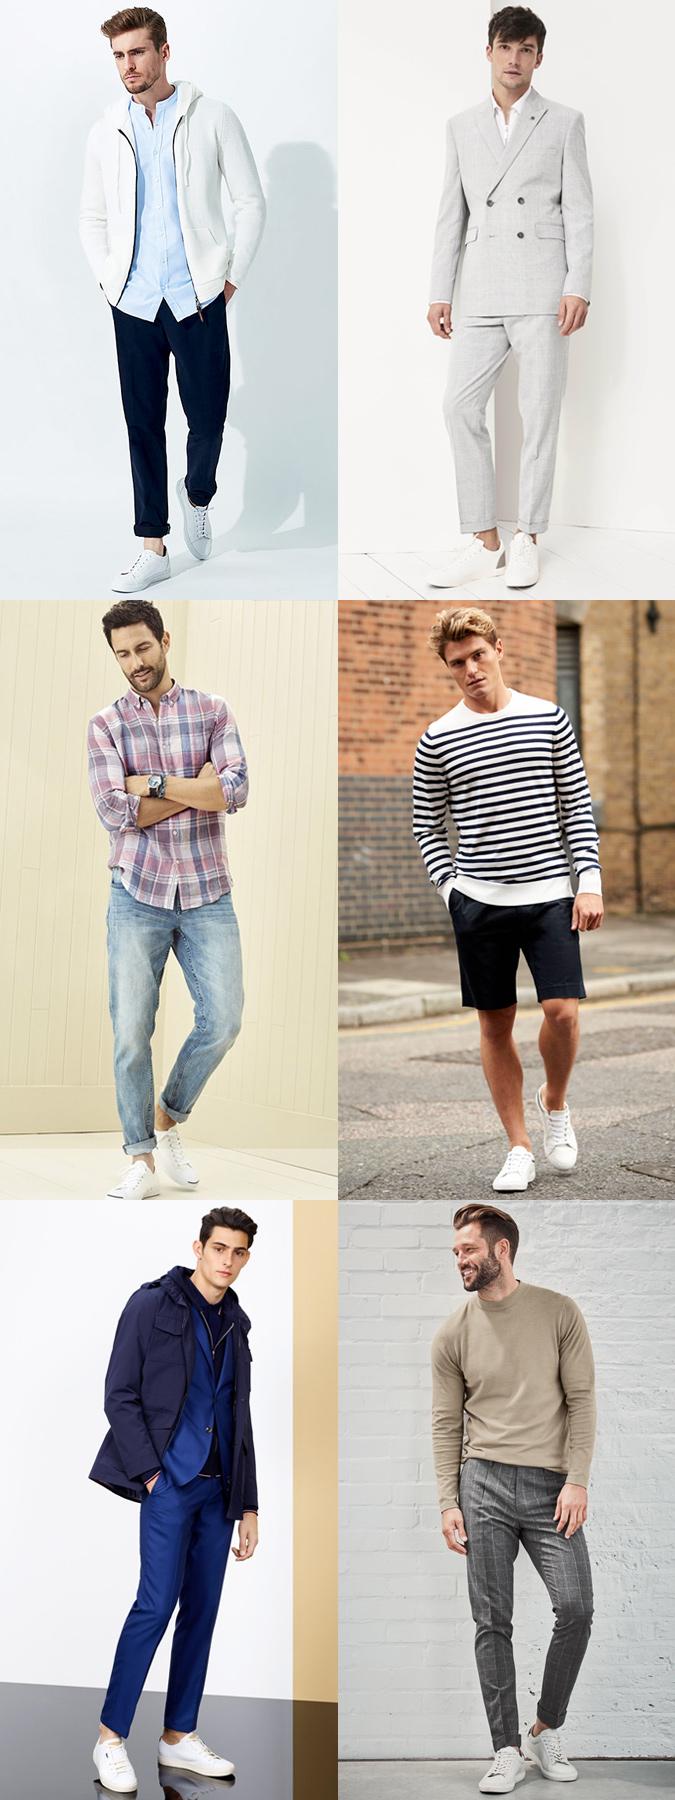 Magazine Maken Deze Schoenen Jouw Outfit Manners Compleet O6YwRqT